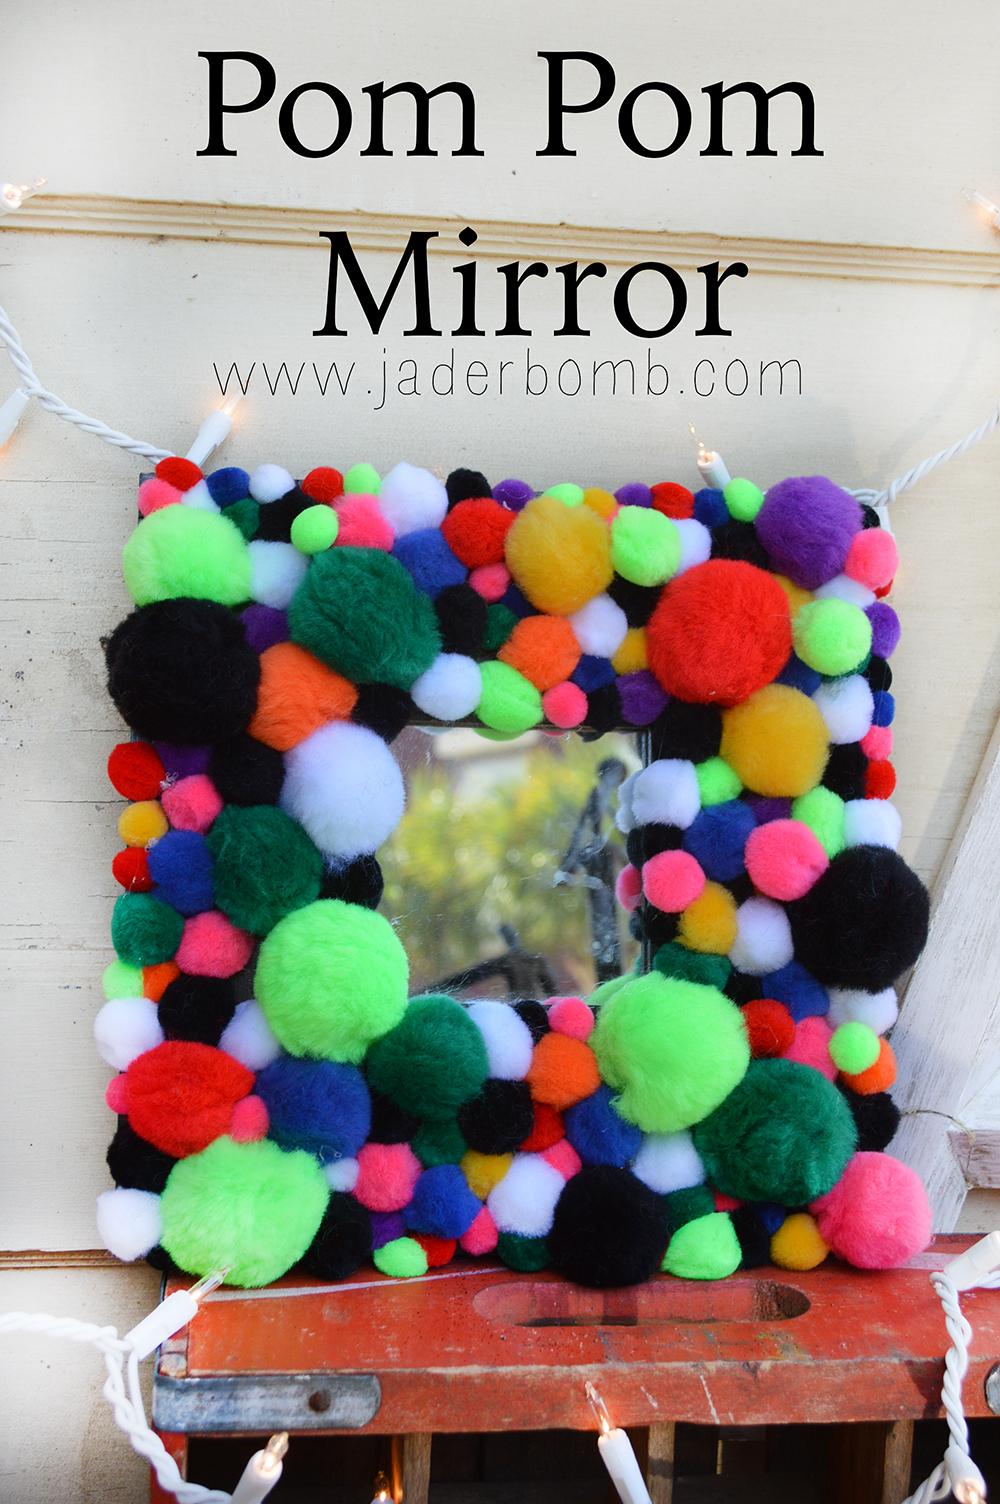 Pom Pom Mirror